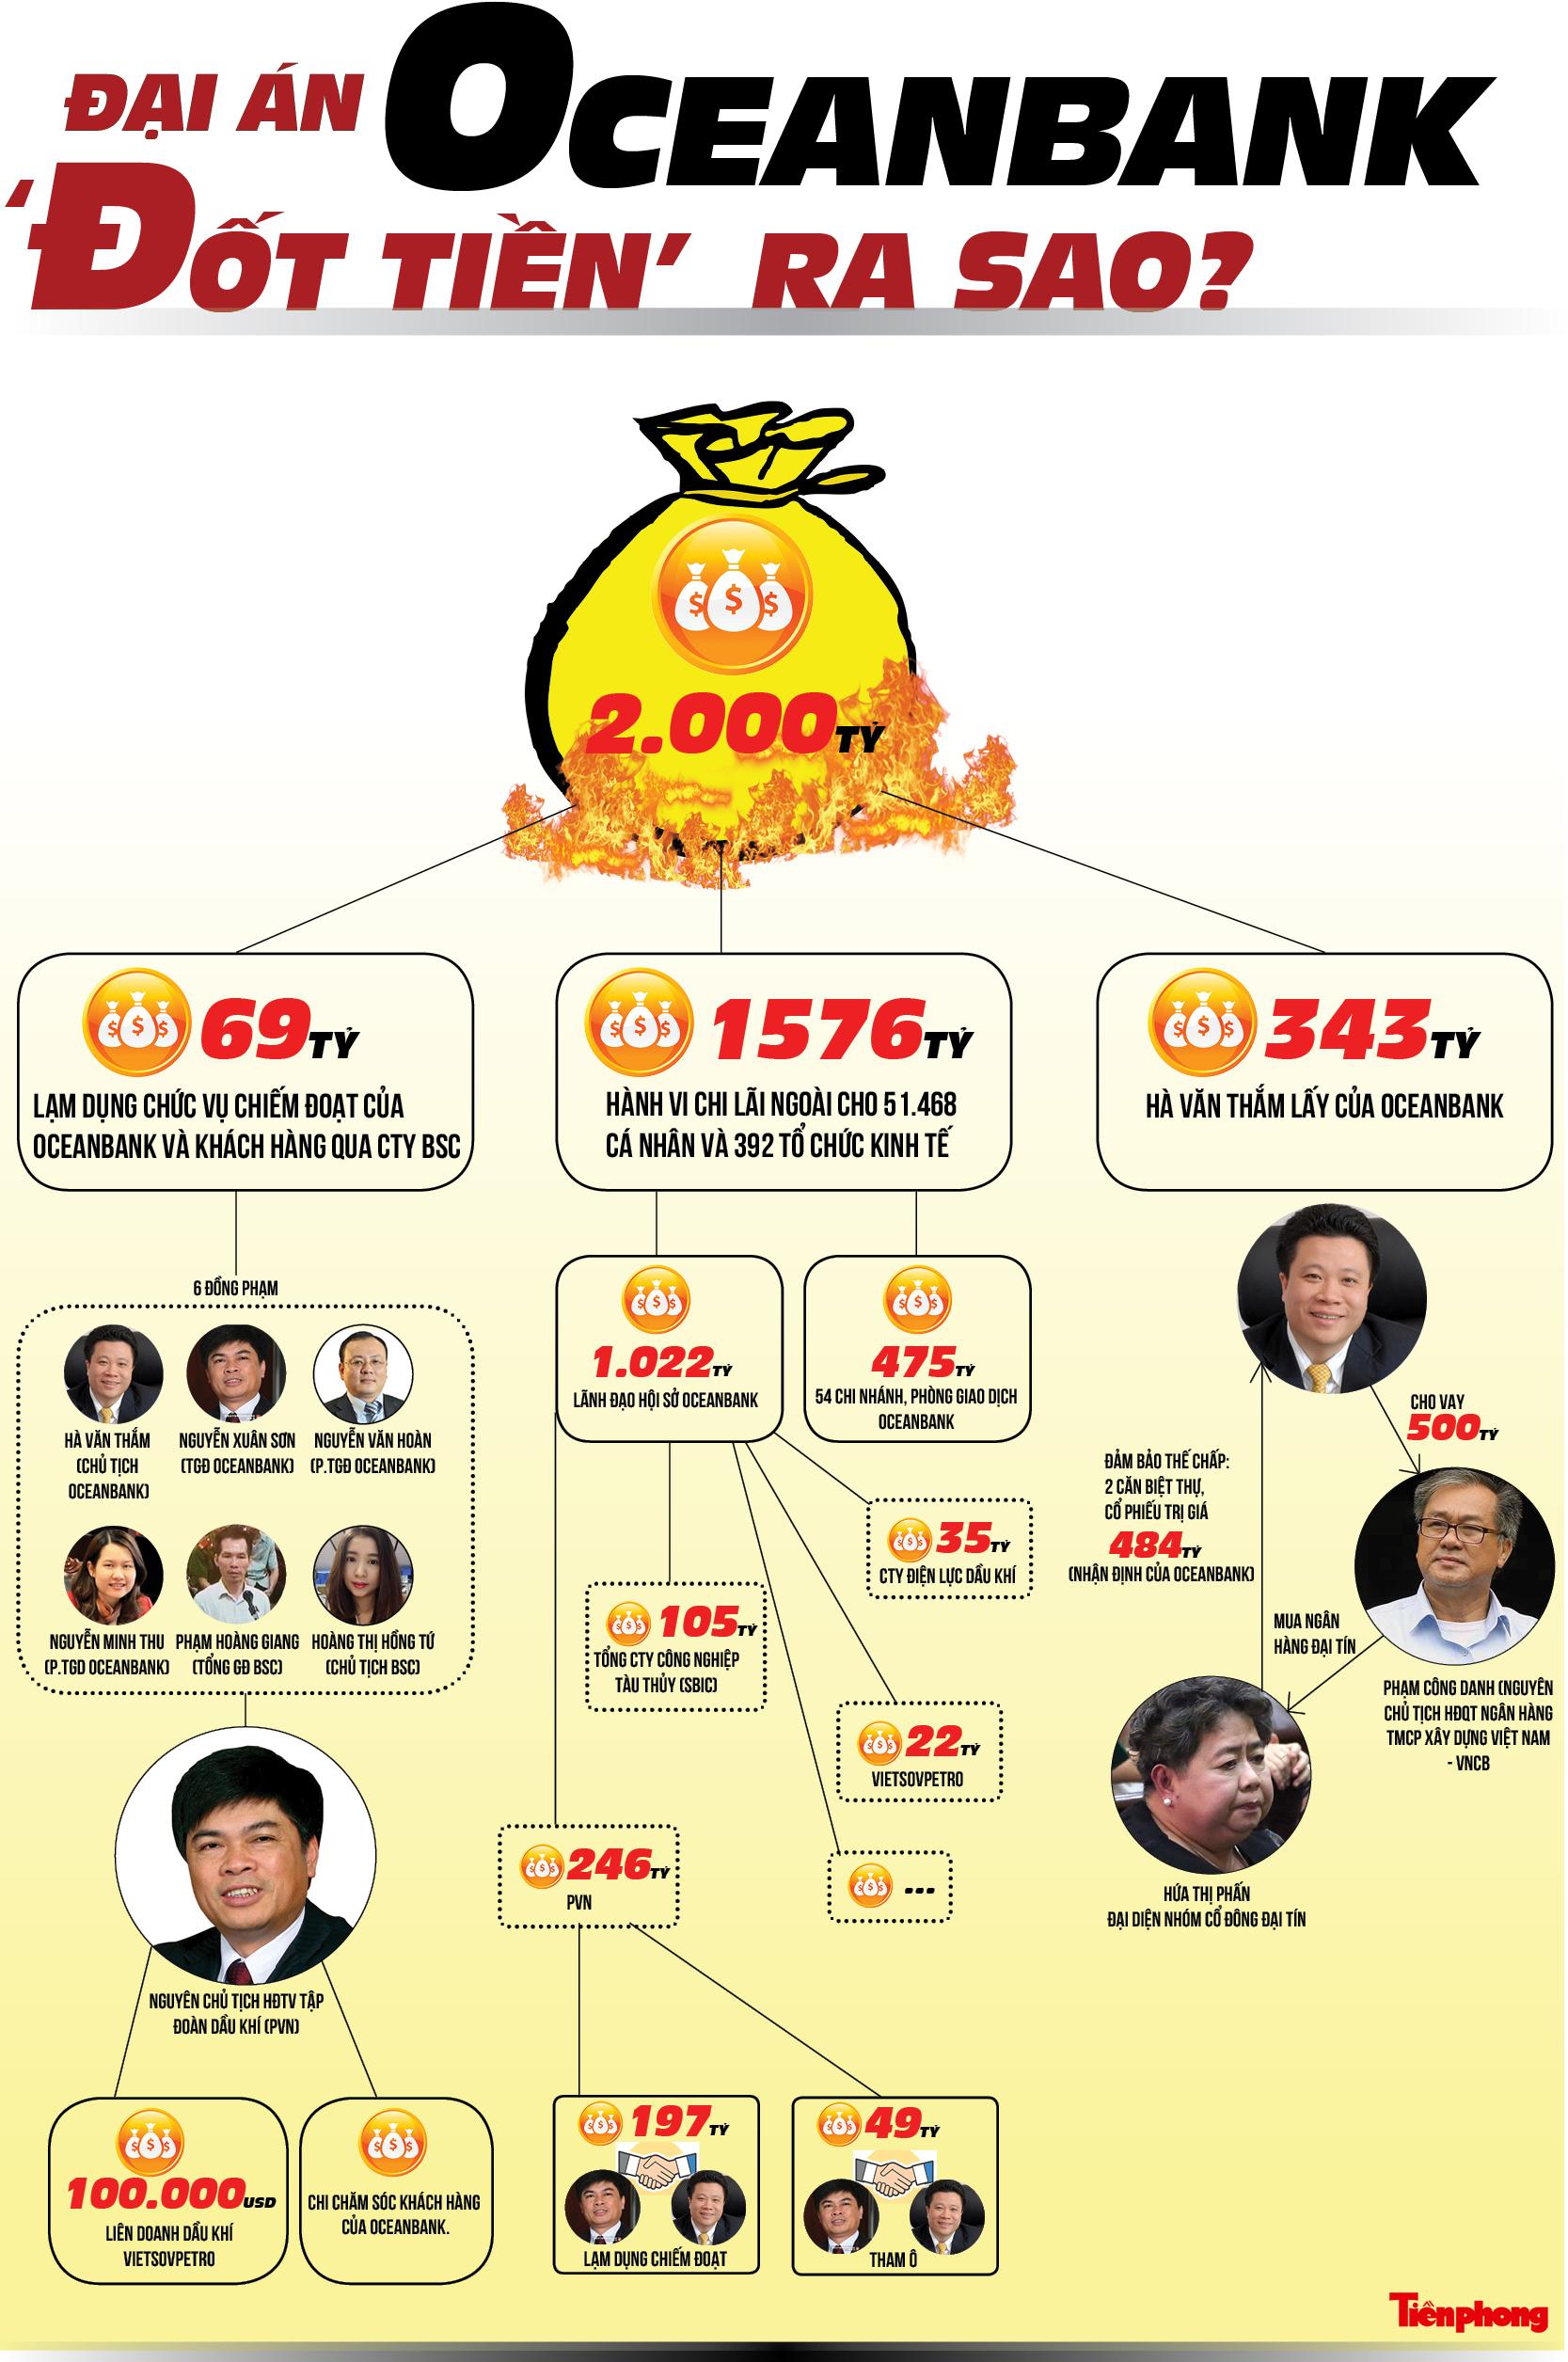 Đại án OceanBank: Hàng nghìn tỷ đồng 'đốt' thế nào? - ảnh 1